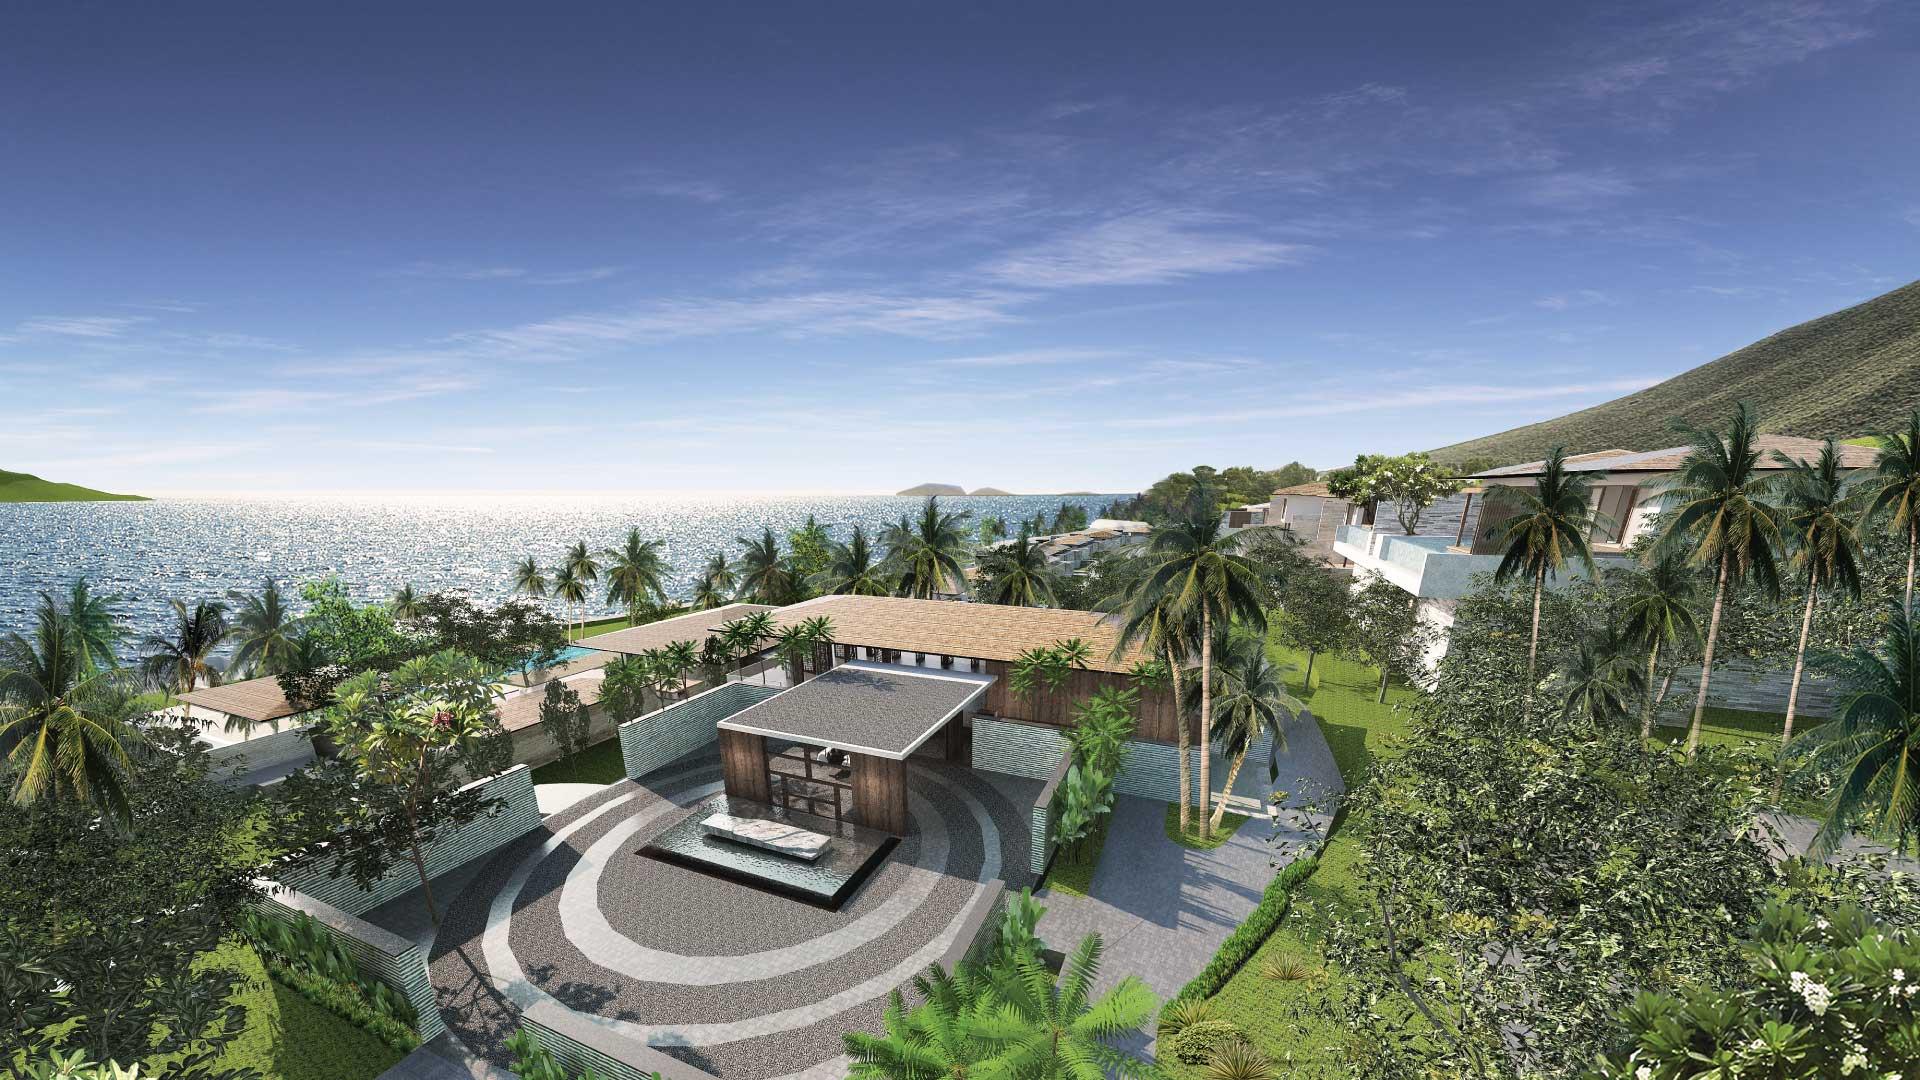 https://assets.anantara.com/image/upload/q_auto,f_auto/media/minor/anantara/images/anantara-quy-nhon-villas/the-resort/anantara_quynhon_header_banner_1920x1080.jpg